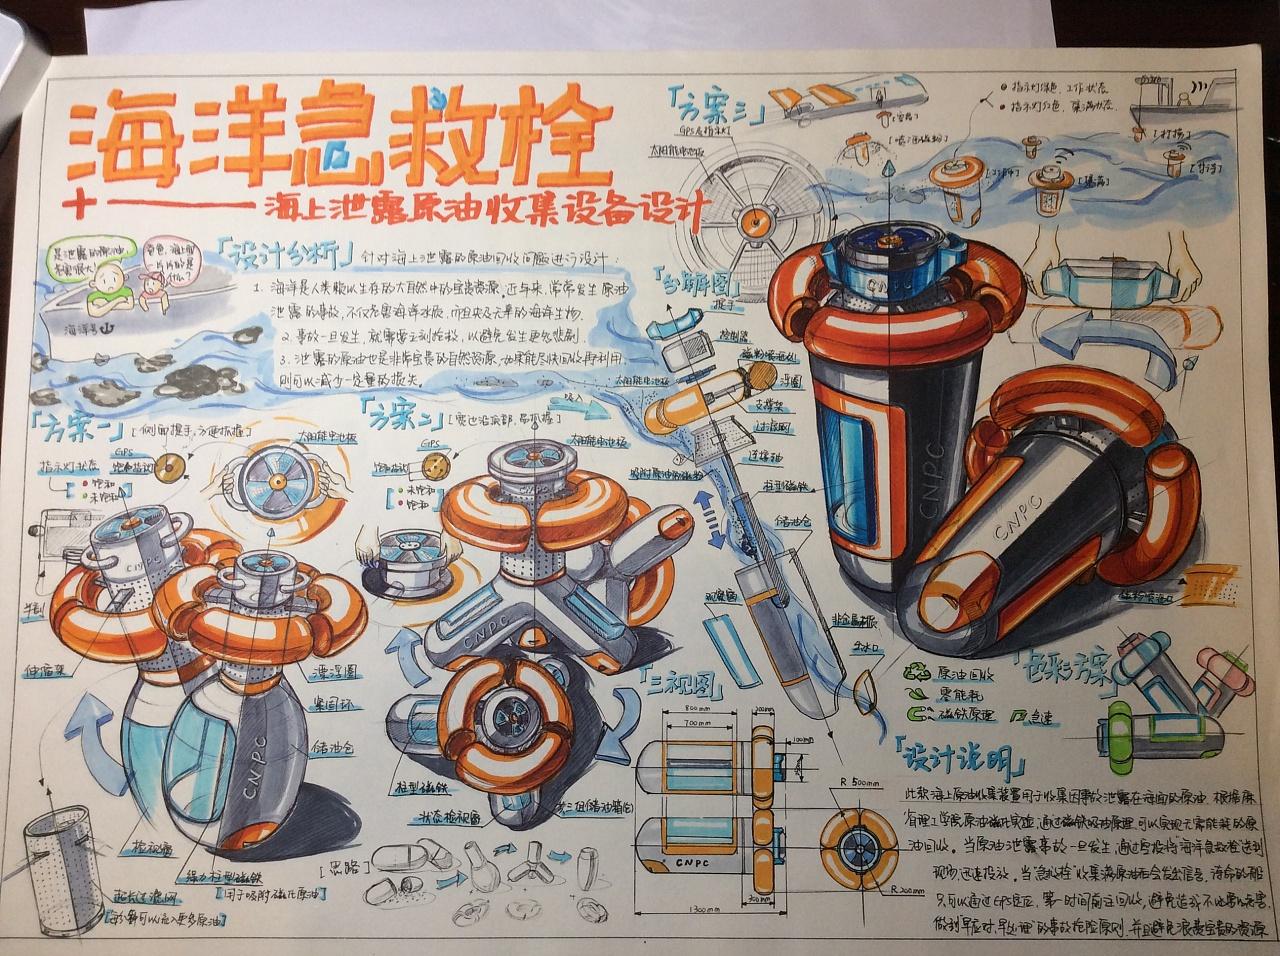 工业设计考研版面;工业设计考研手绘